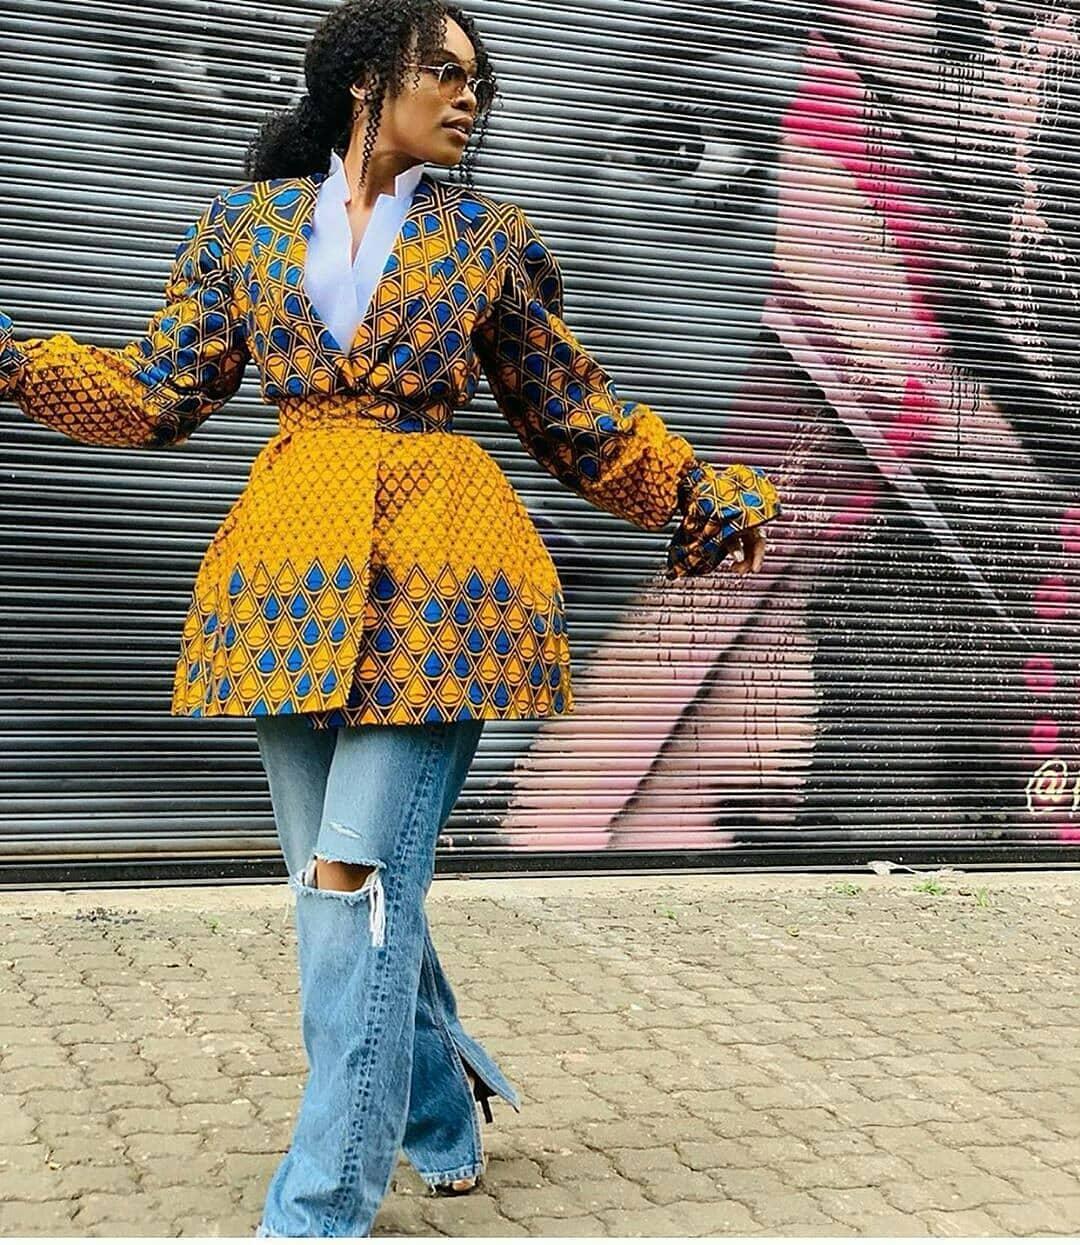 ankara kimono styles 2020 4